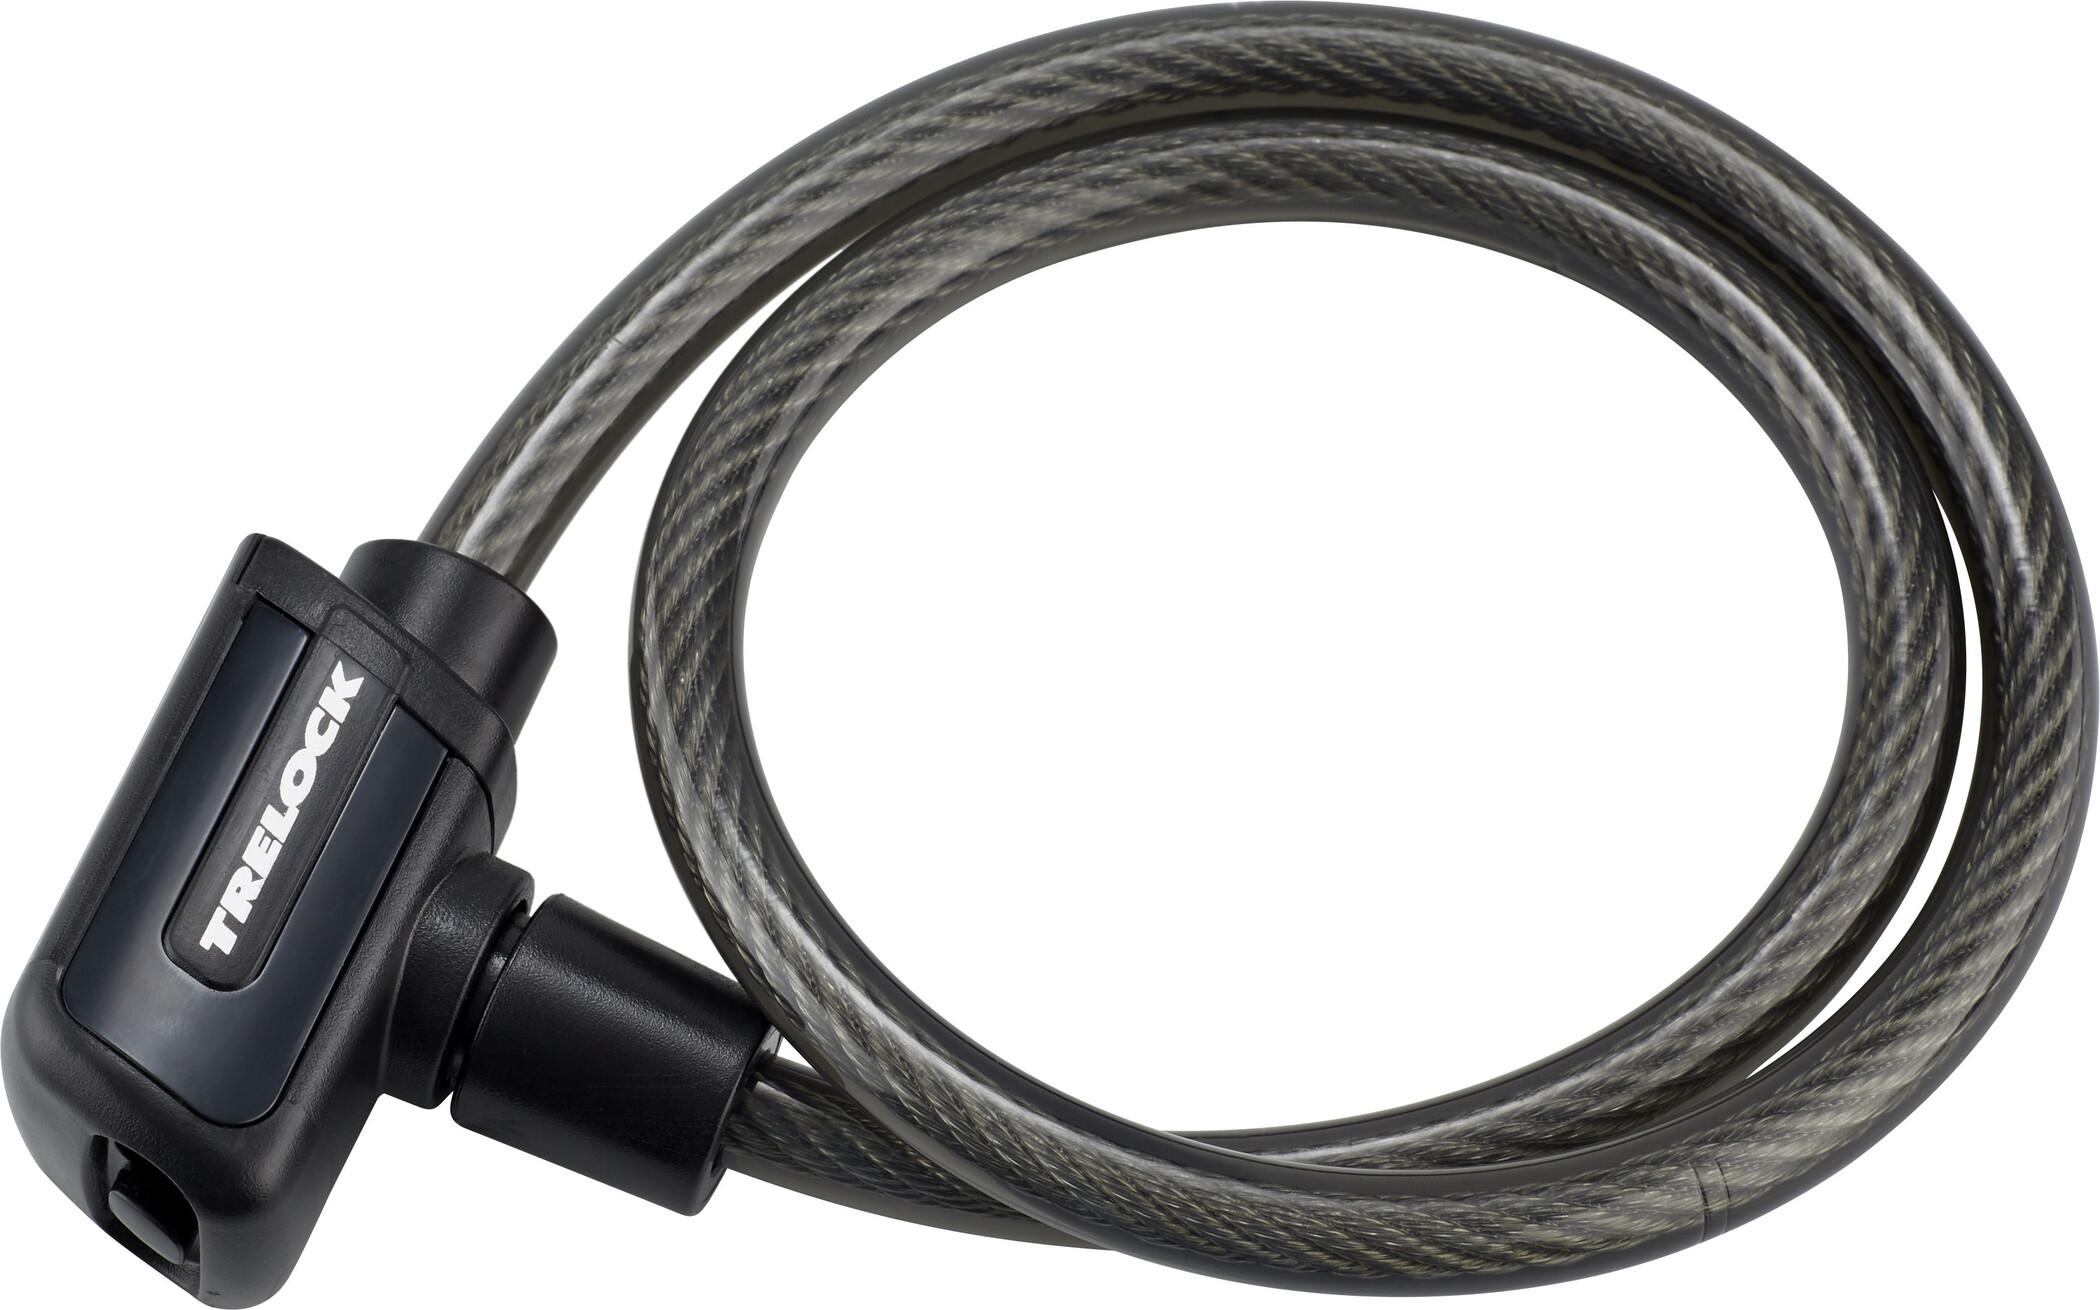 Trelock K2 80/12 Cykellås ZK 432 Silverline (2019) | Combo Lock